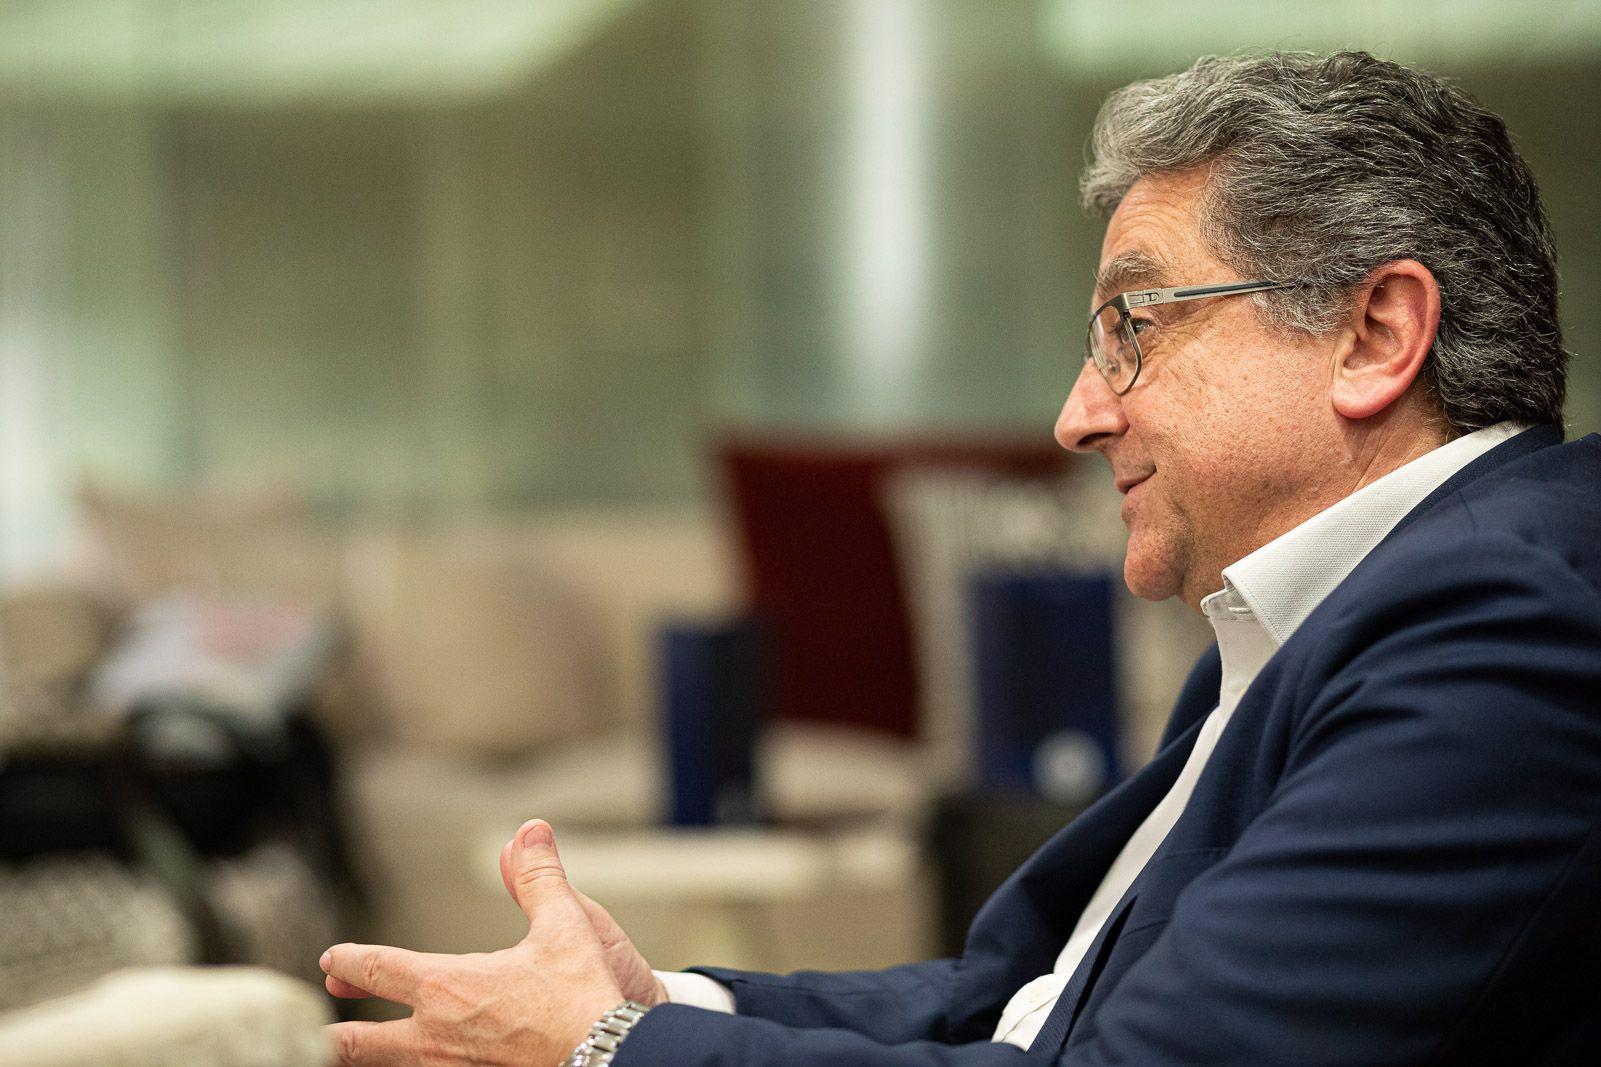 L'exdelegat del govern espanyol a Catalunya, Enric Millo (Jordi Borràs)